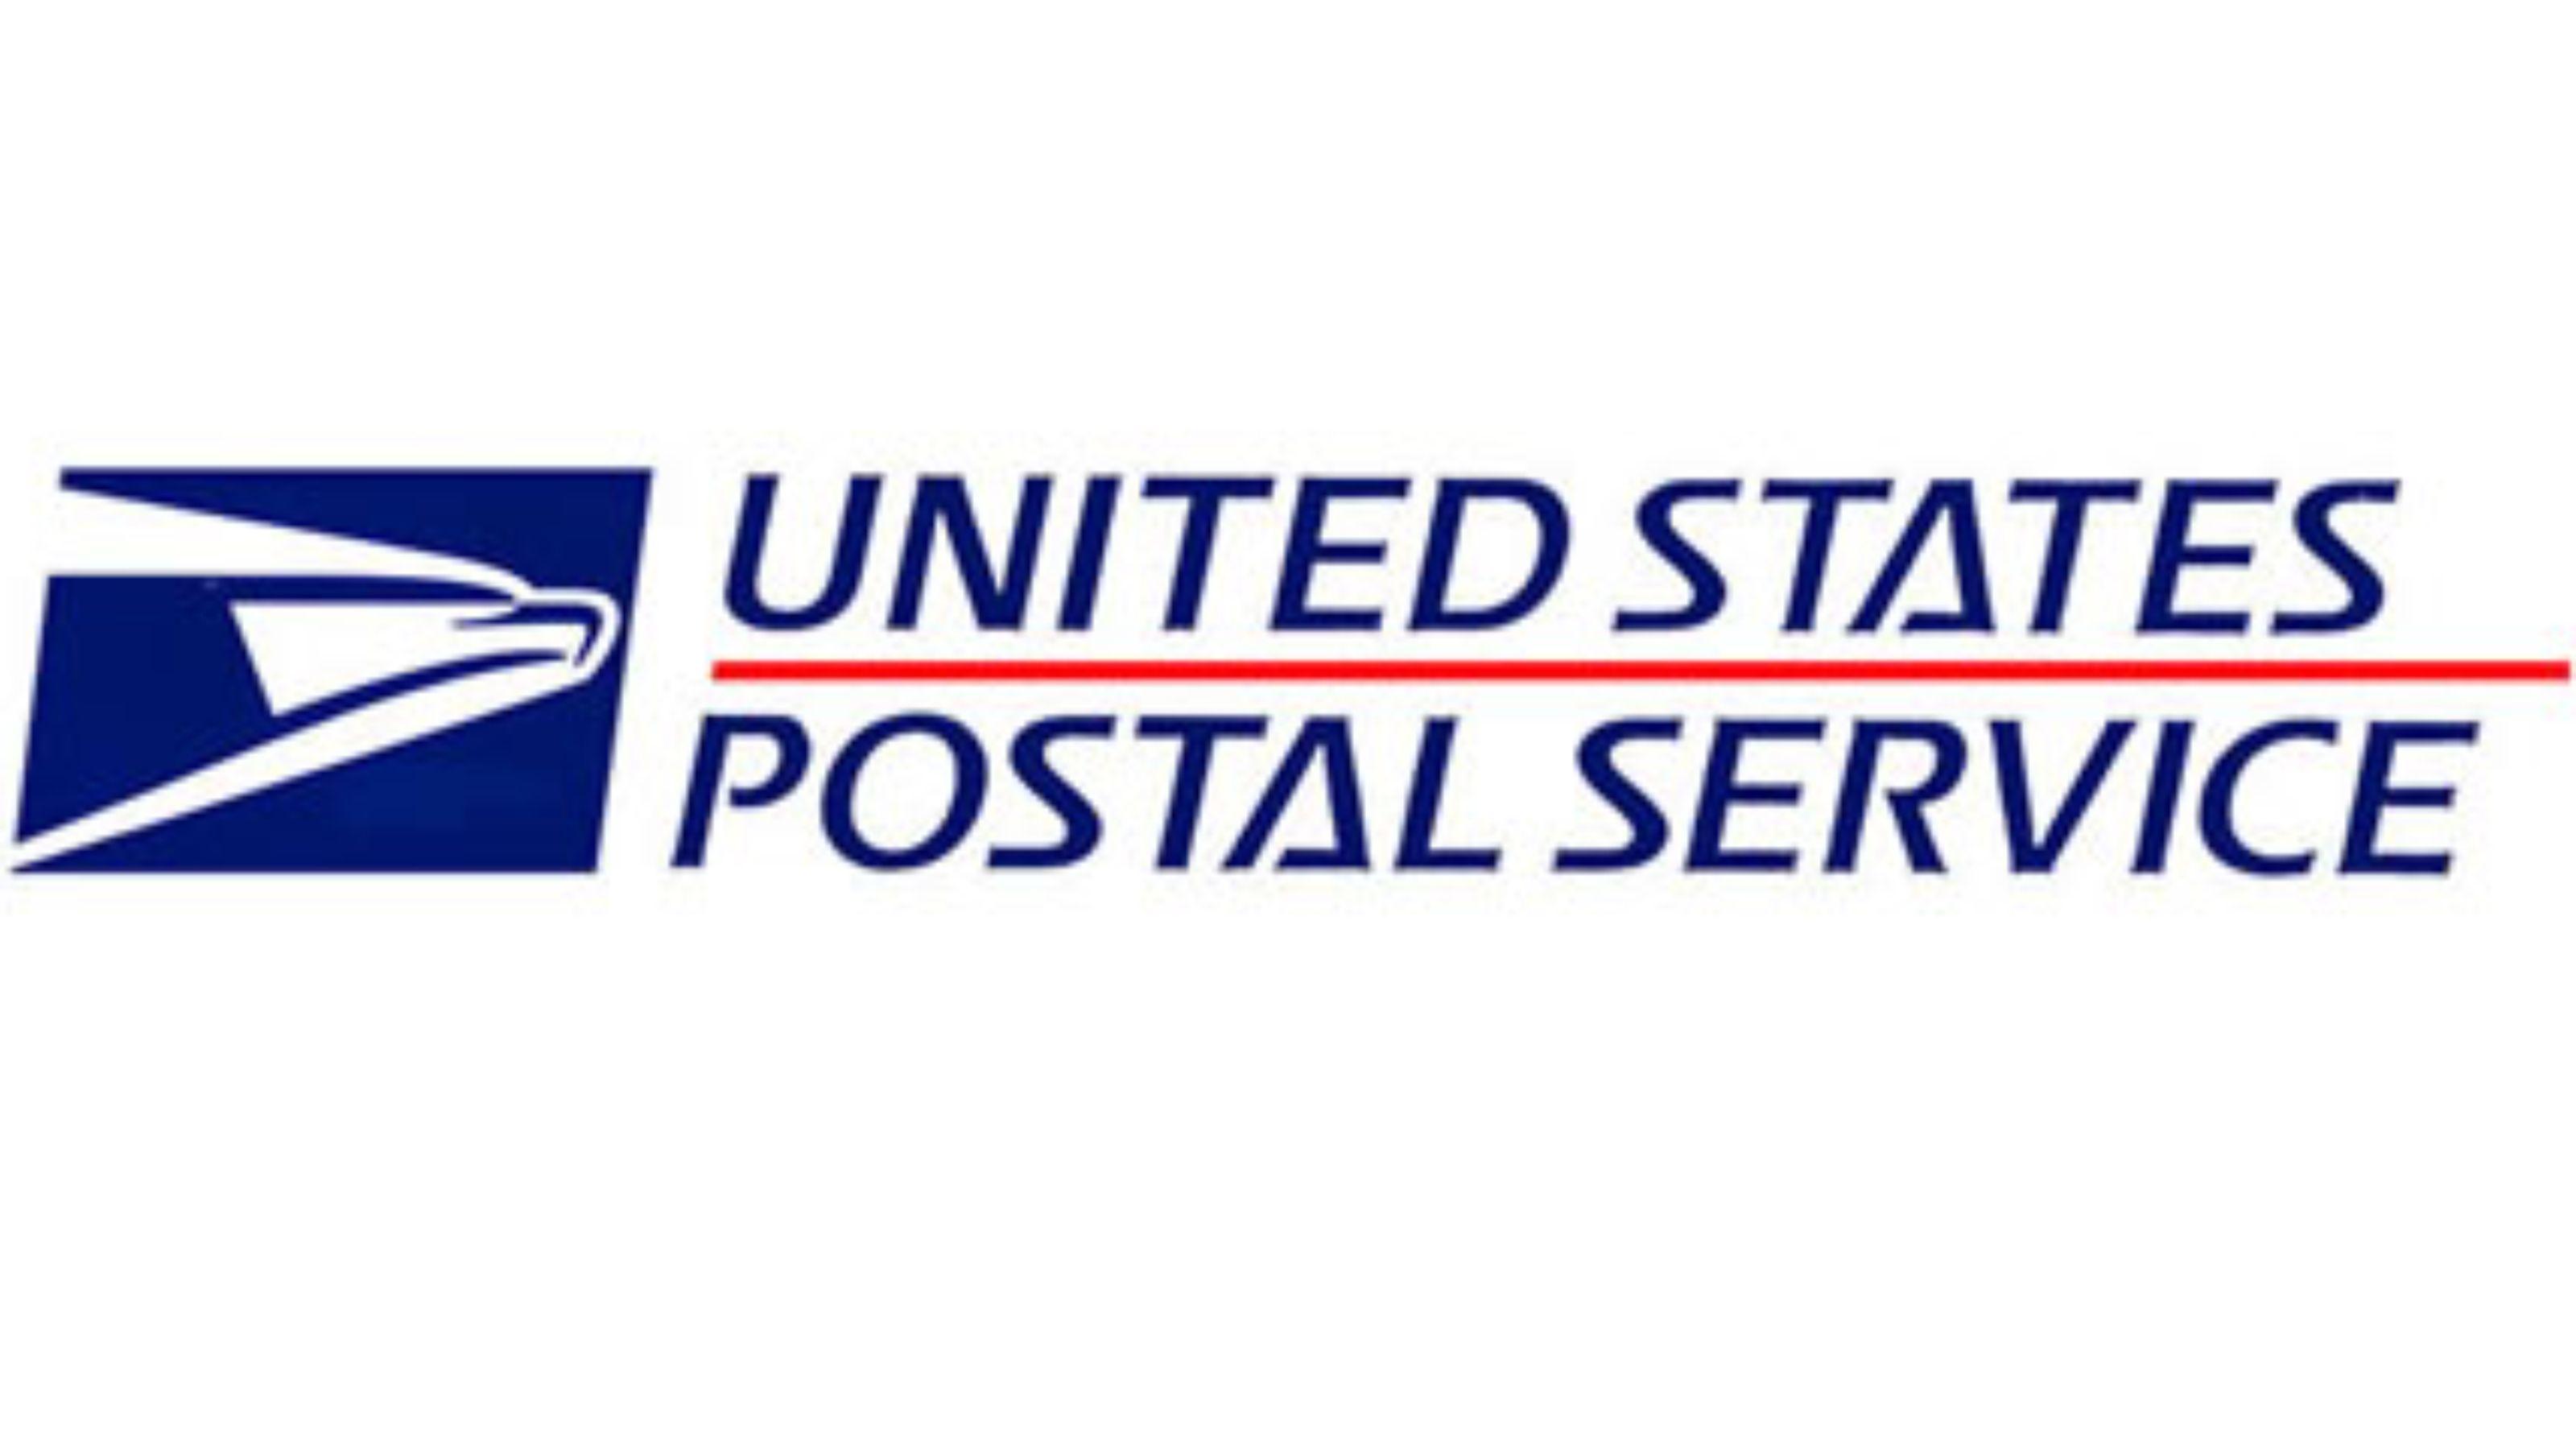 postal logos rh logolynx com usps logo vector file post office logo vector